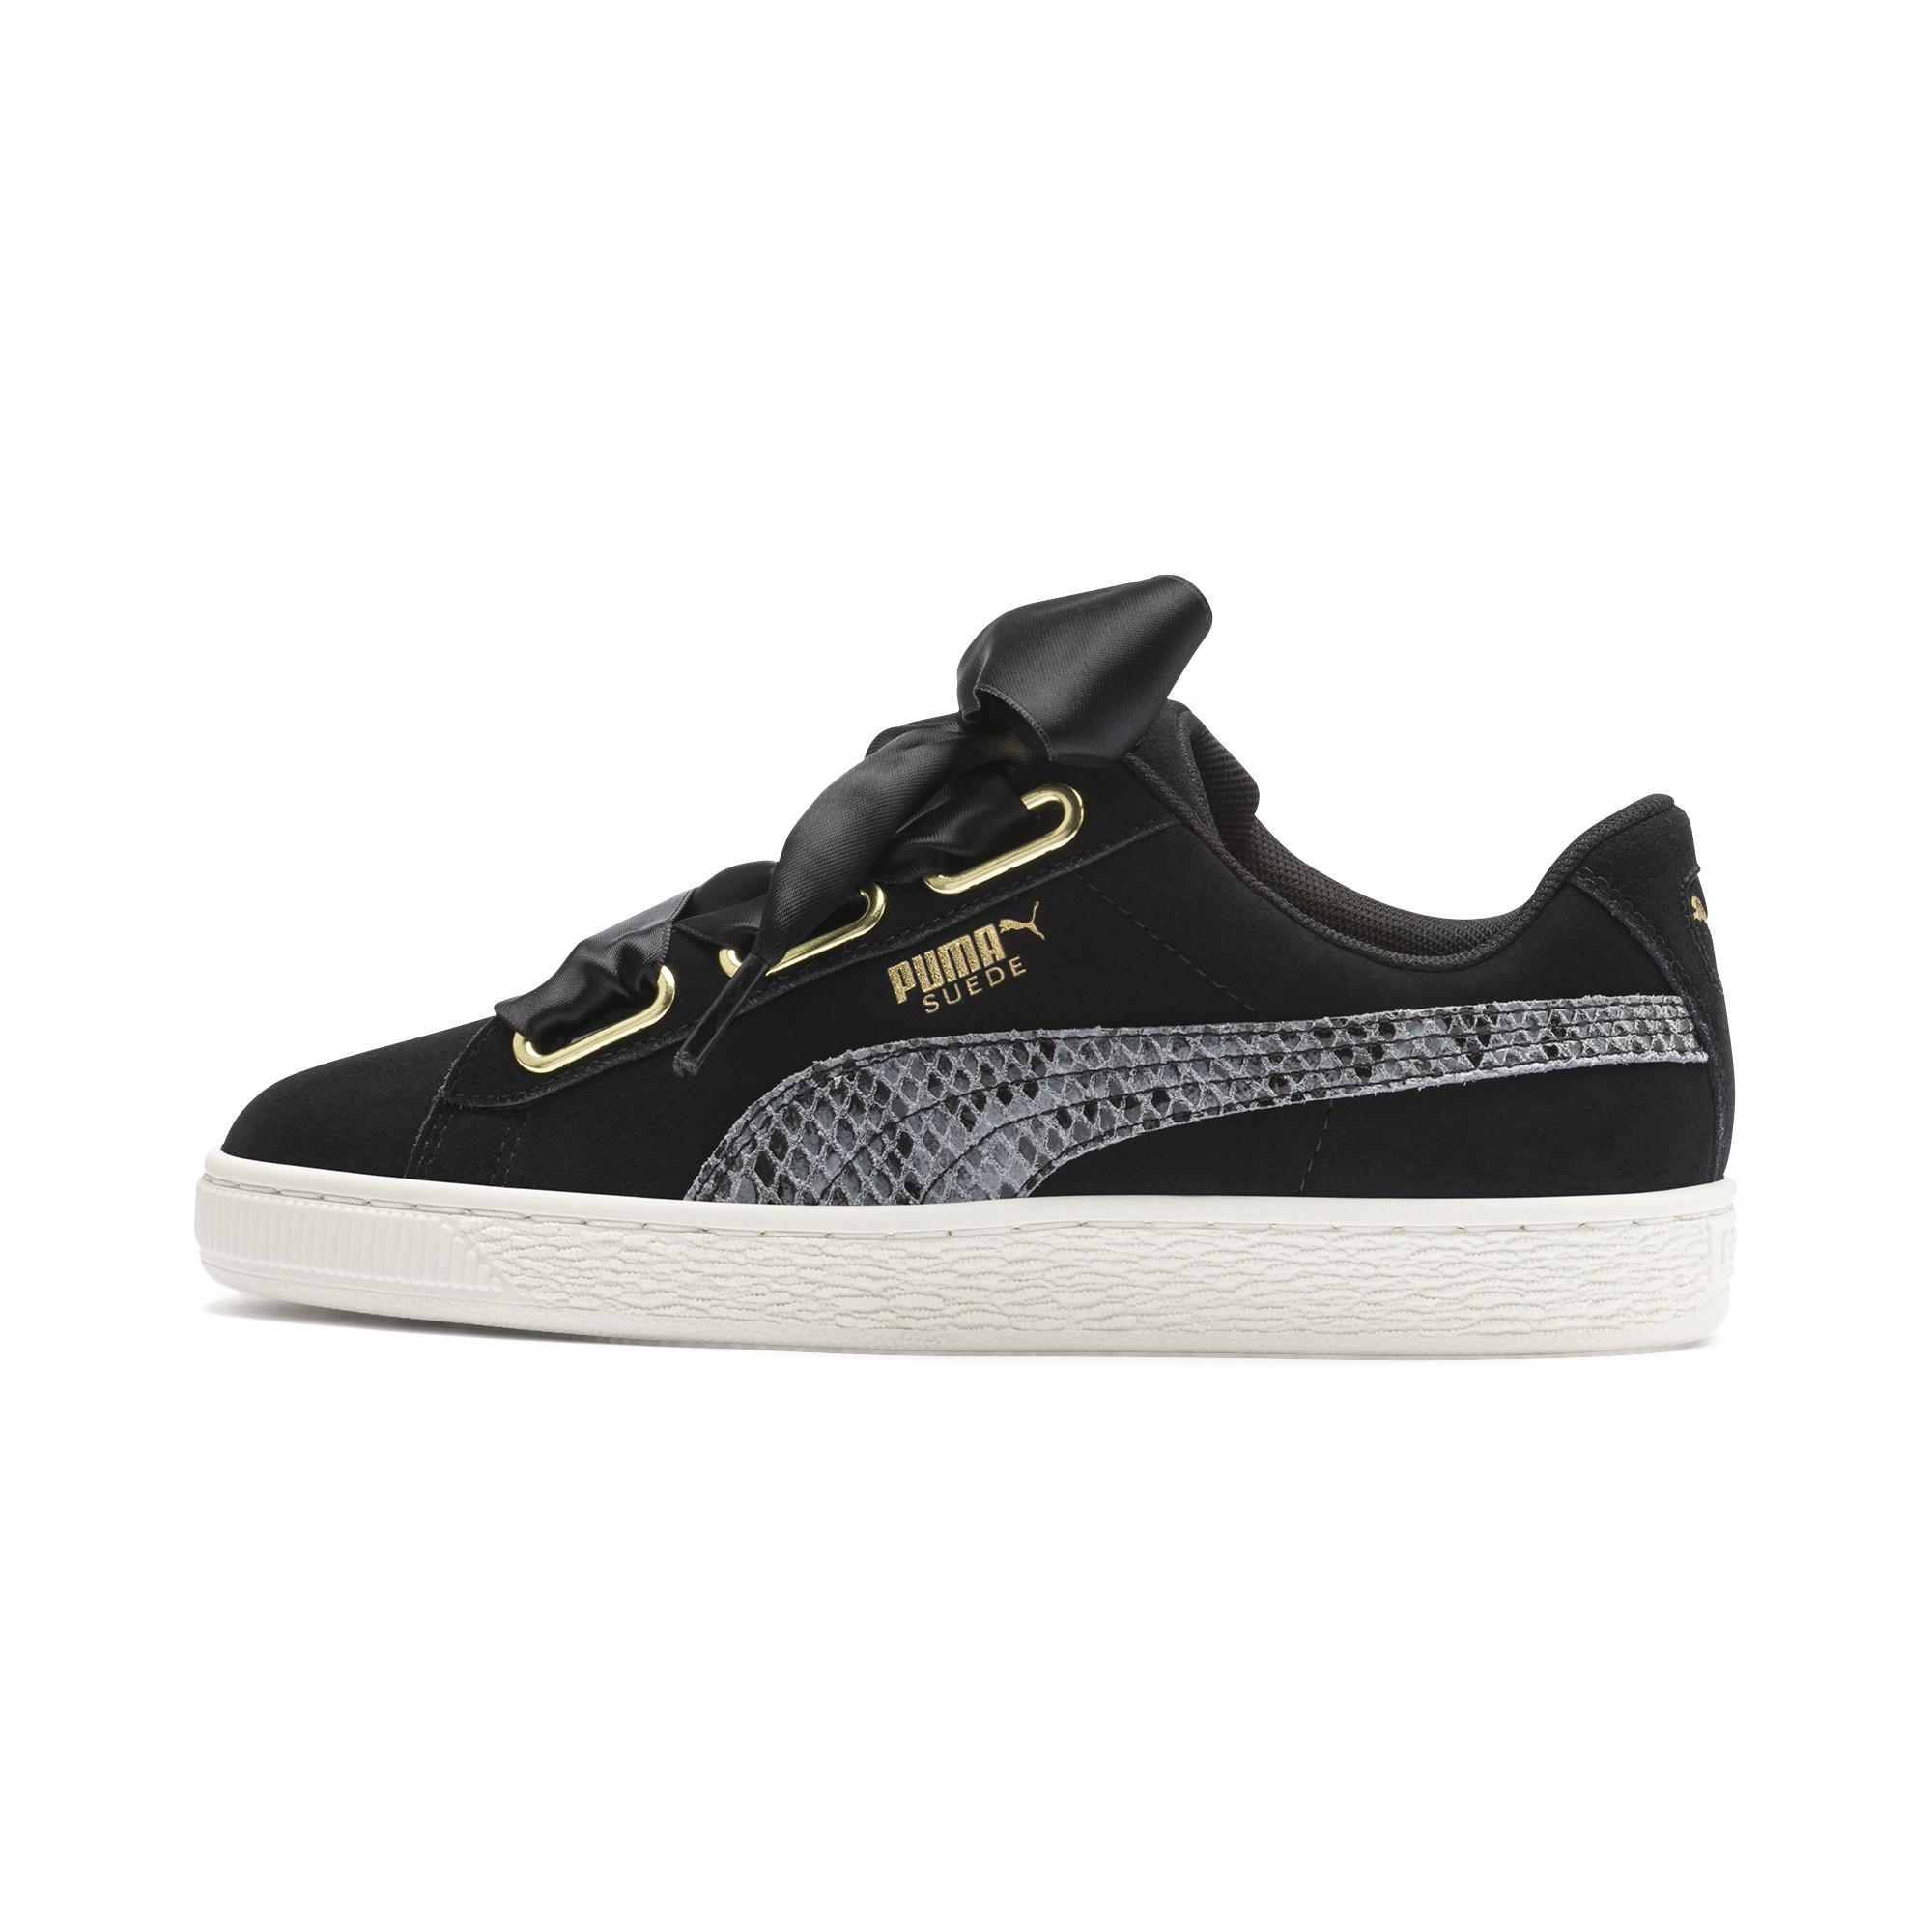 bff6965255 Black Suede Heart Snake Lux Women's Sneakers